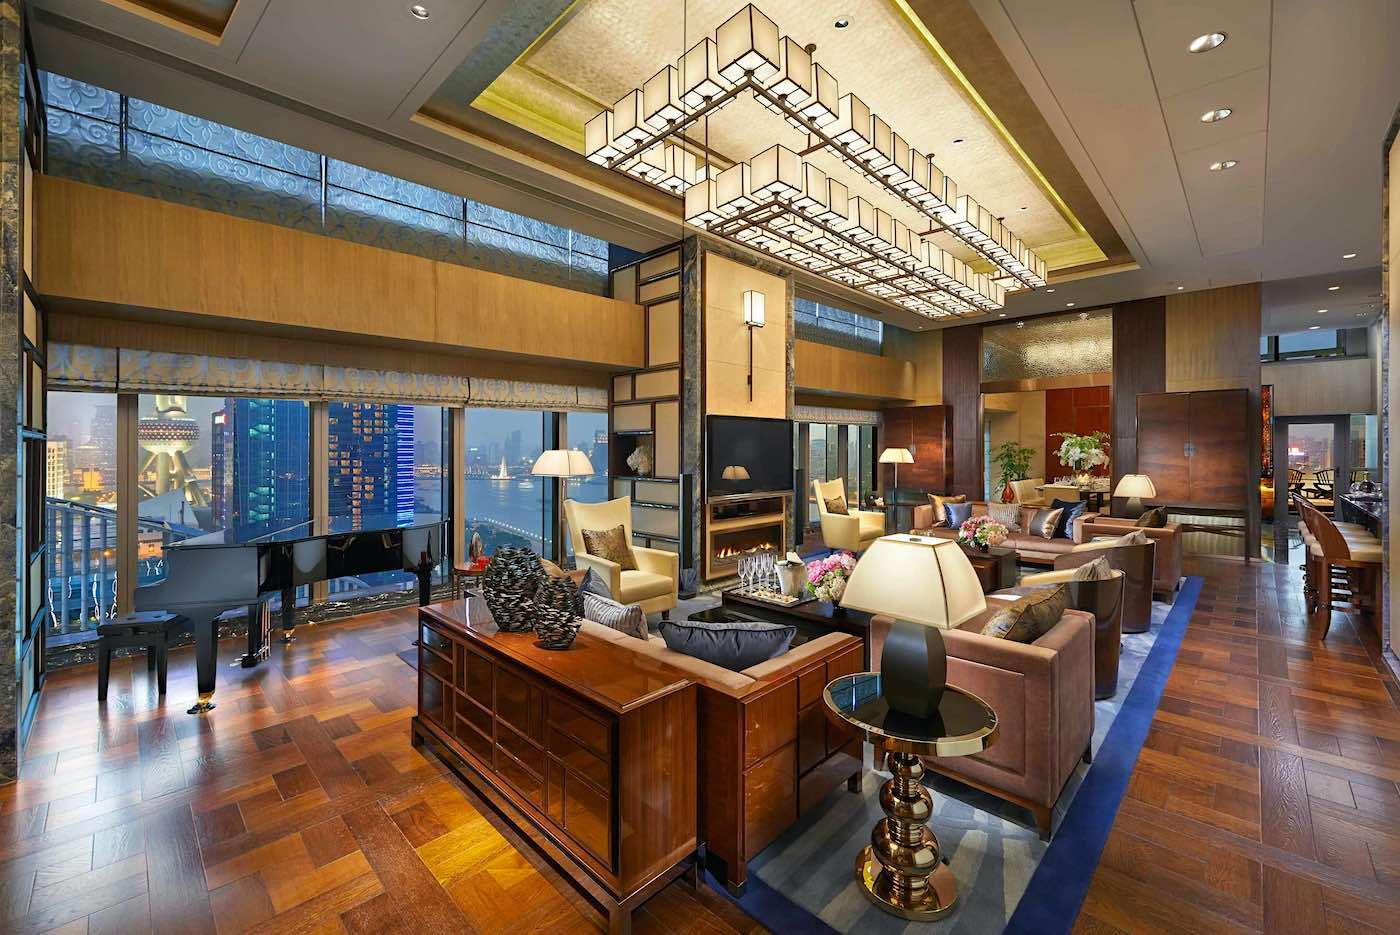 Las 10 suites de hotel más exclusivas del mundo